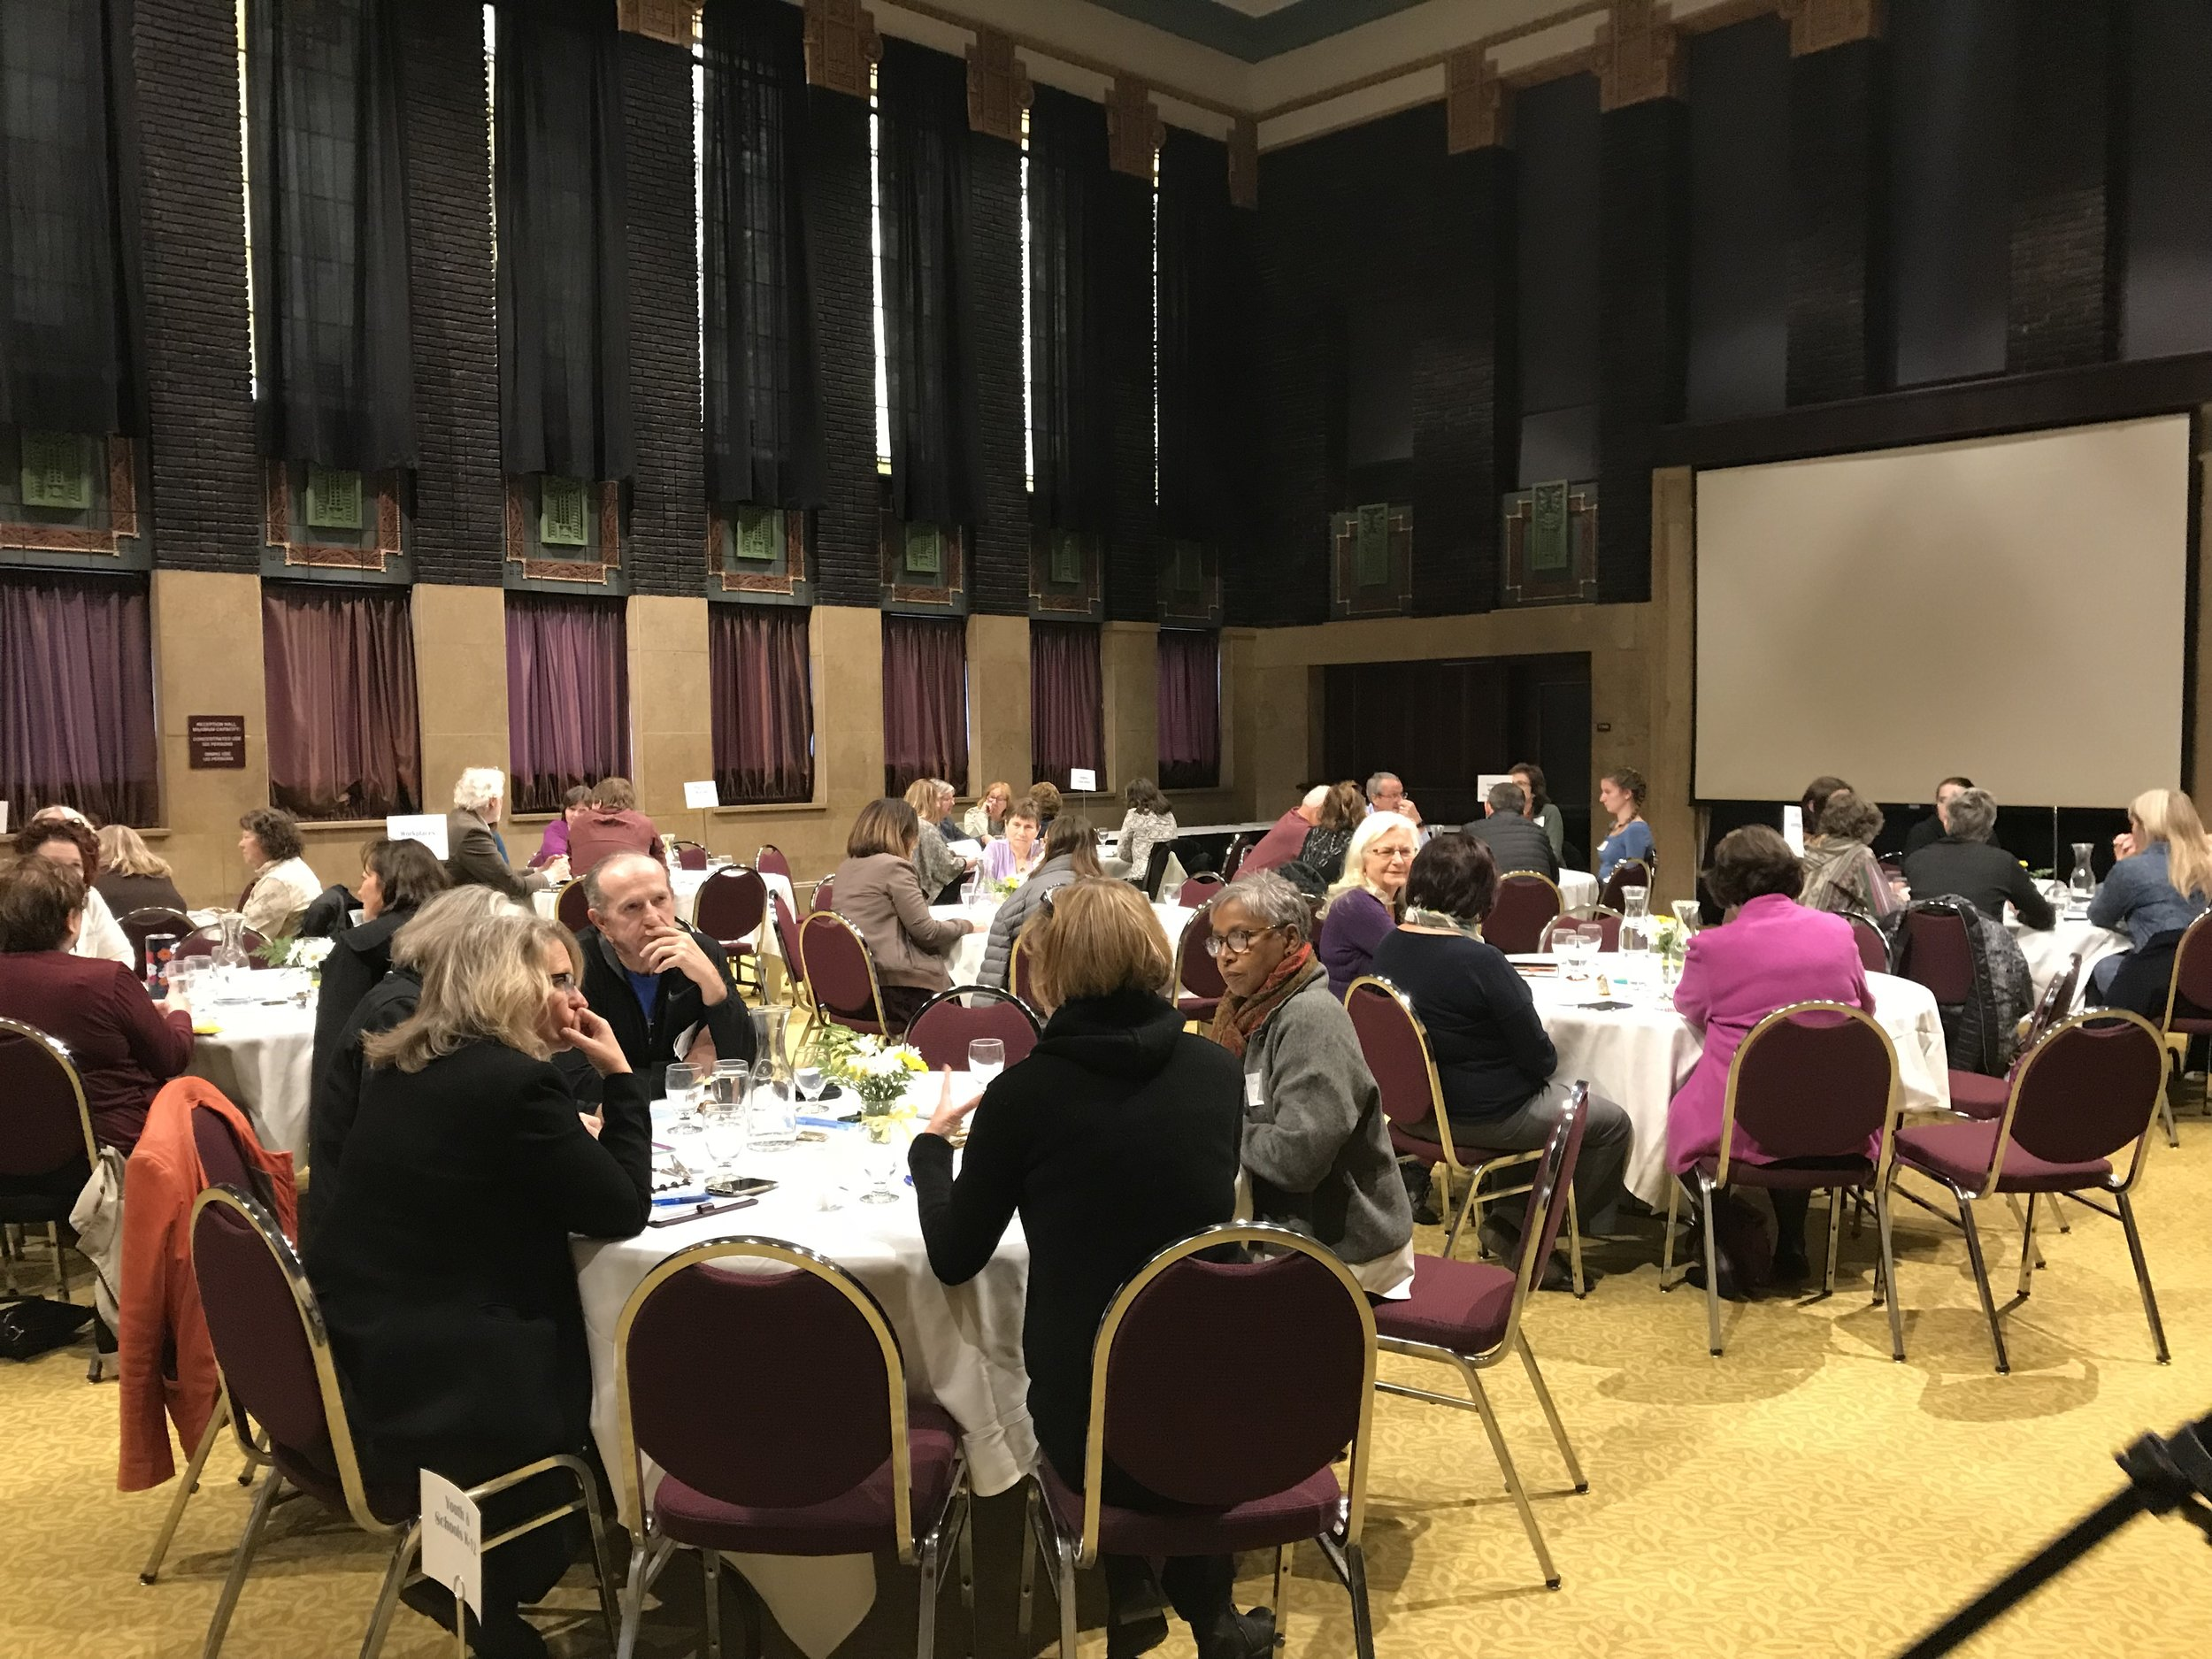 Voices for Compassion Community Forum - Verizon Reception Hall - Mankato, MN. Nov 2, 2018.